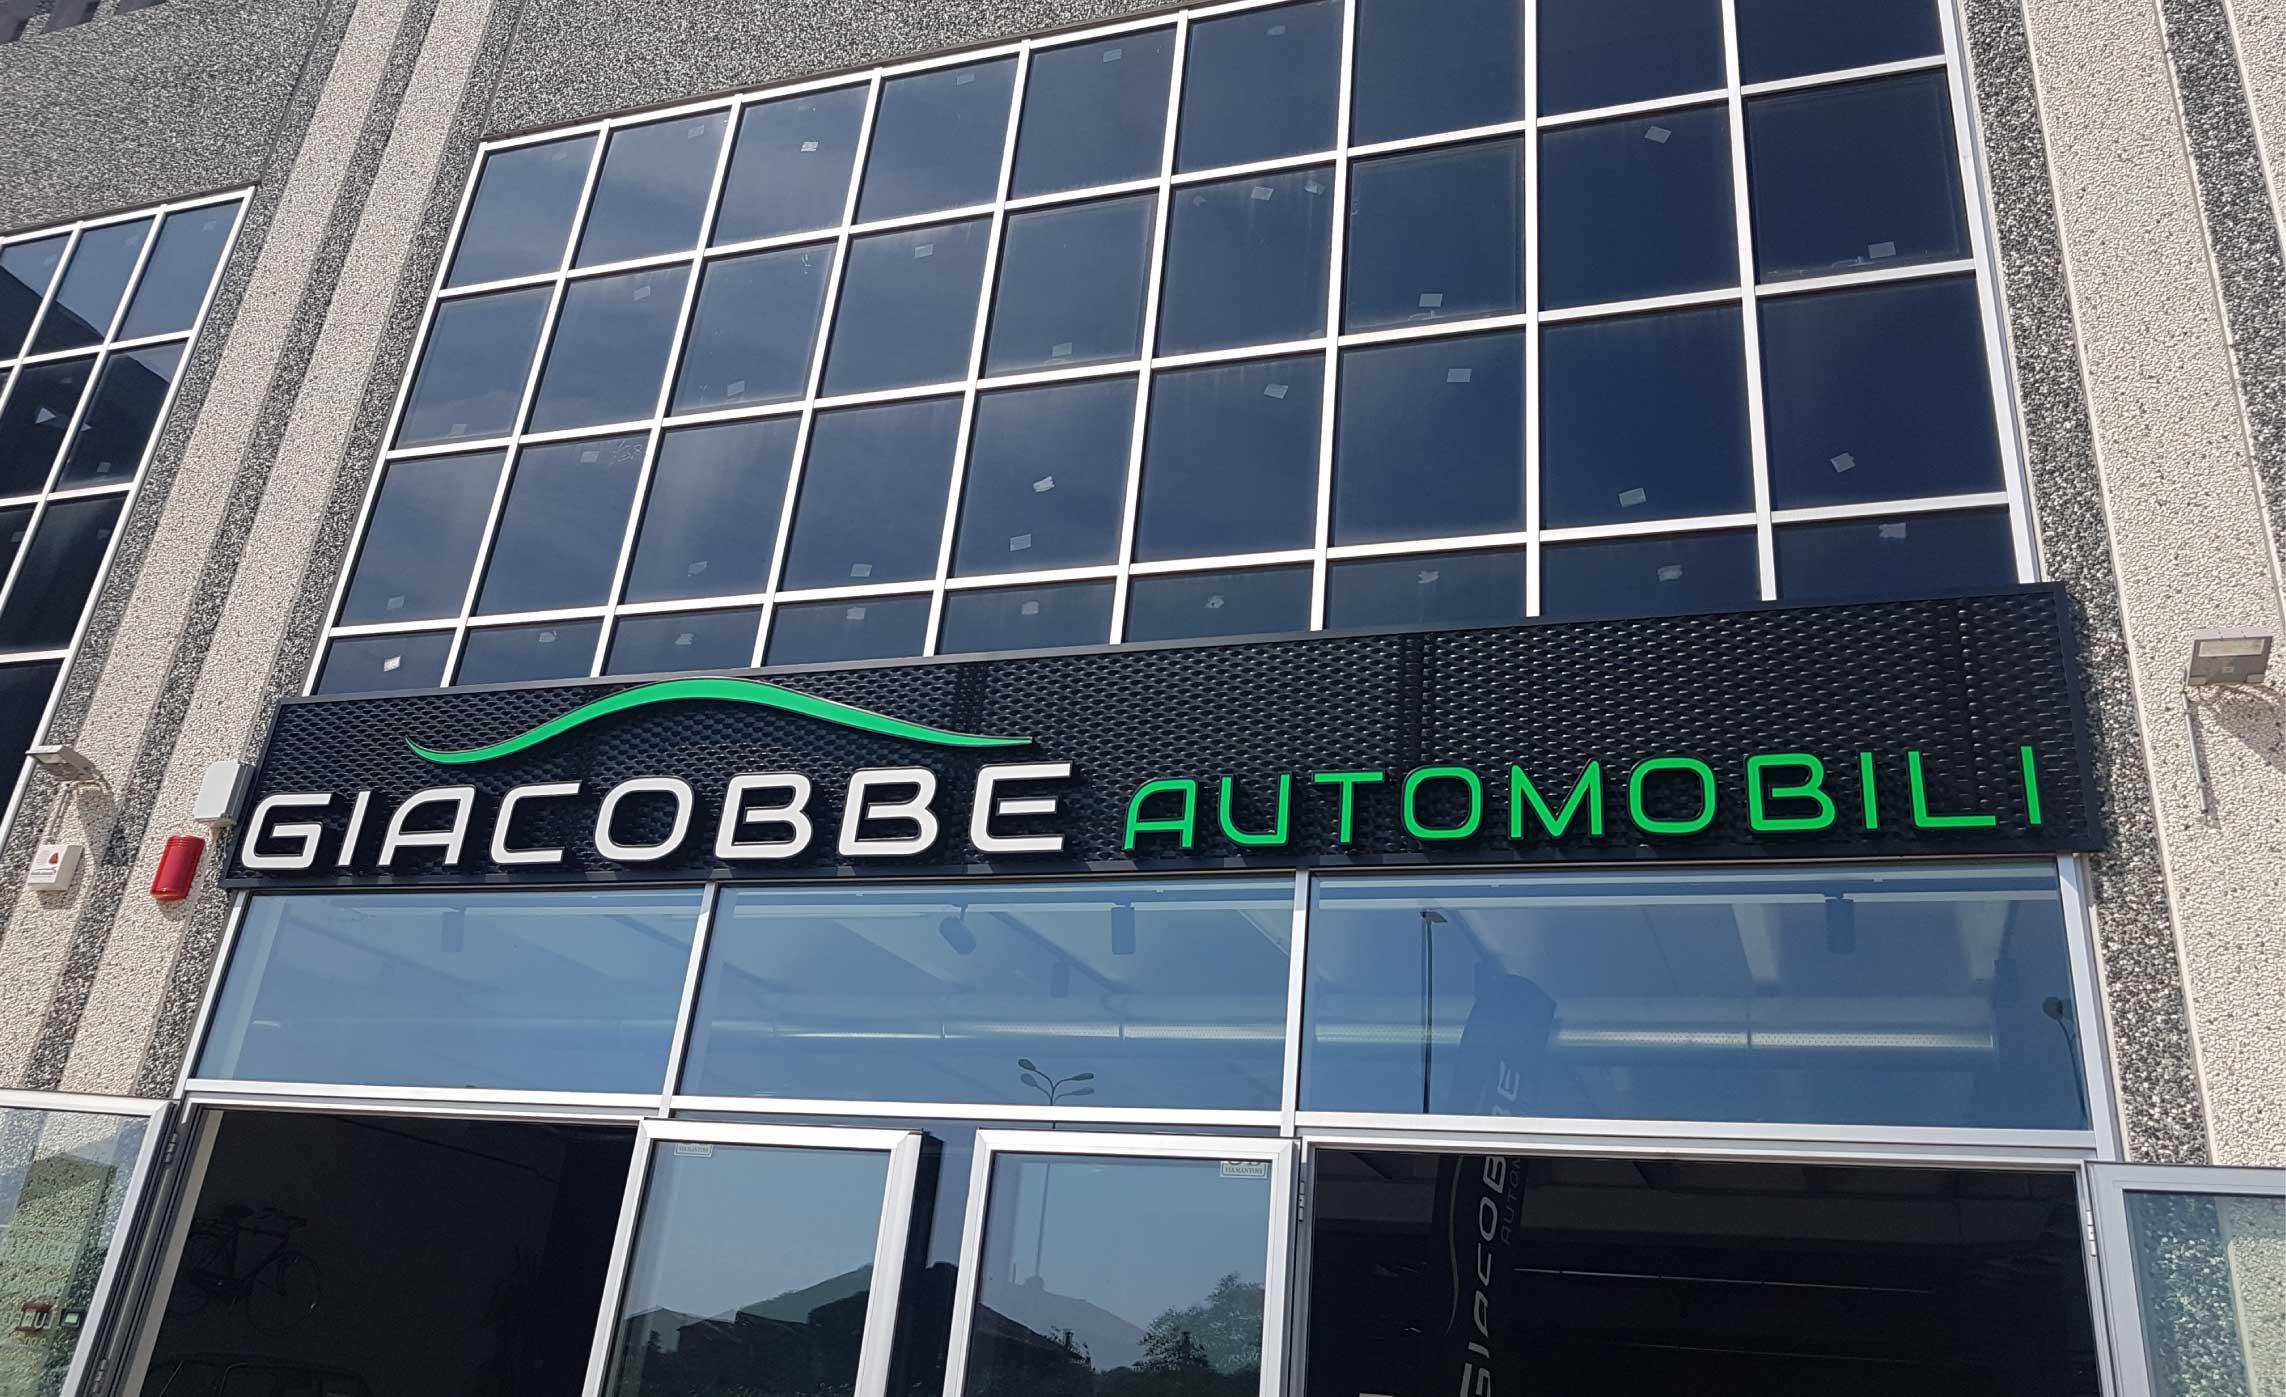 Creazione Logotipo Insegna Giacobbe Automobili